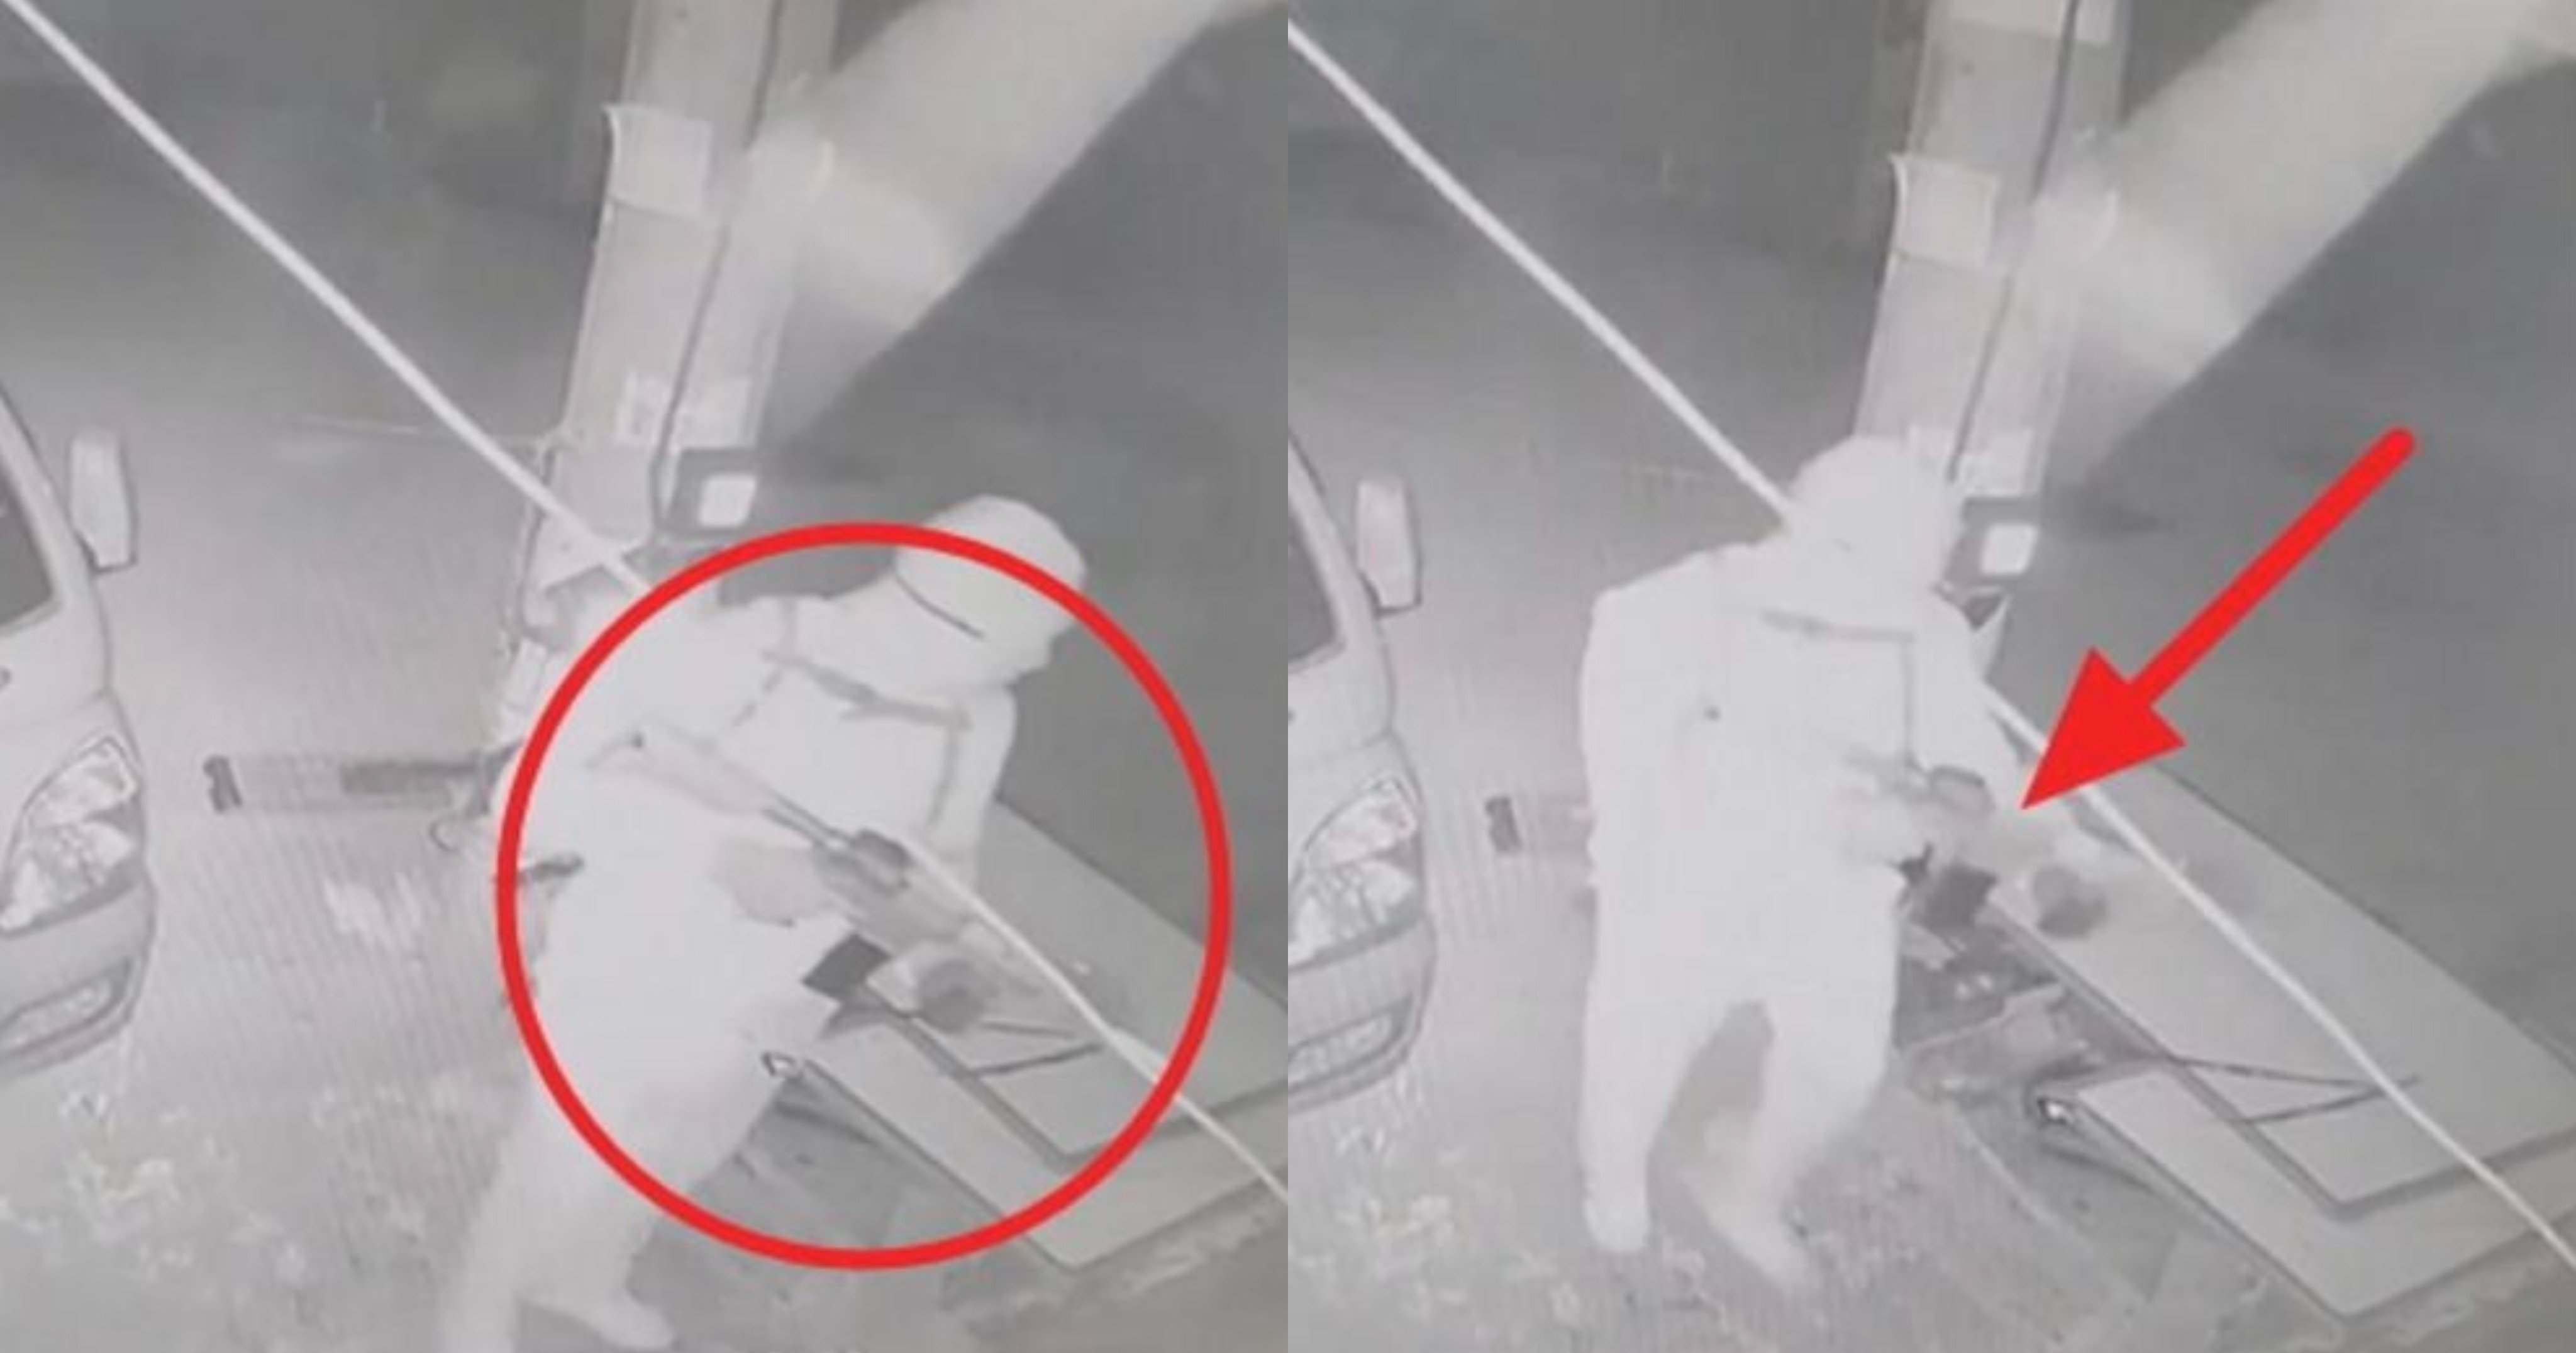 a0f415b4 f6f7 4456 a0d5 99edc7da78f0.jpeg?resize=1200,630 - 경기 화성시 거리에 '총기' 들고 돌아다니며 차량 훔치는 남성이 나타났다